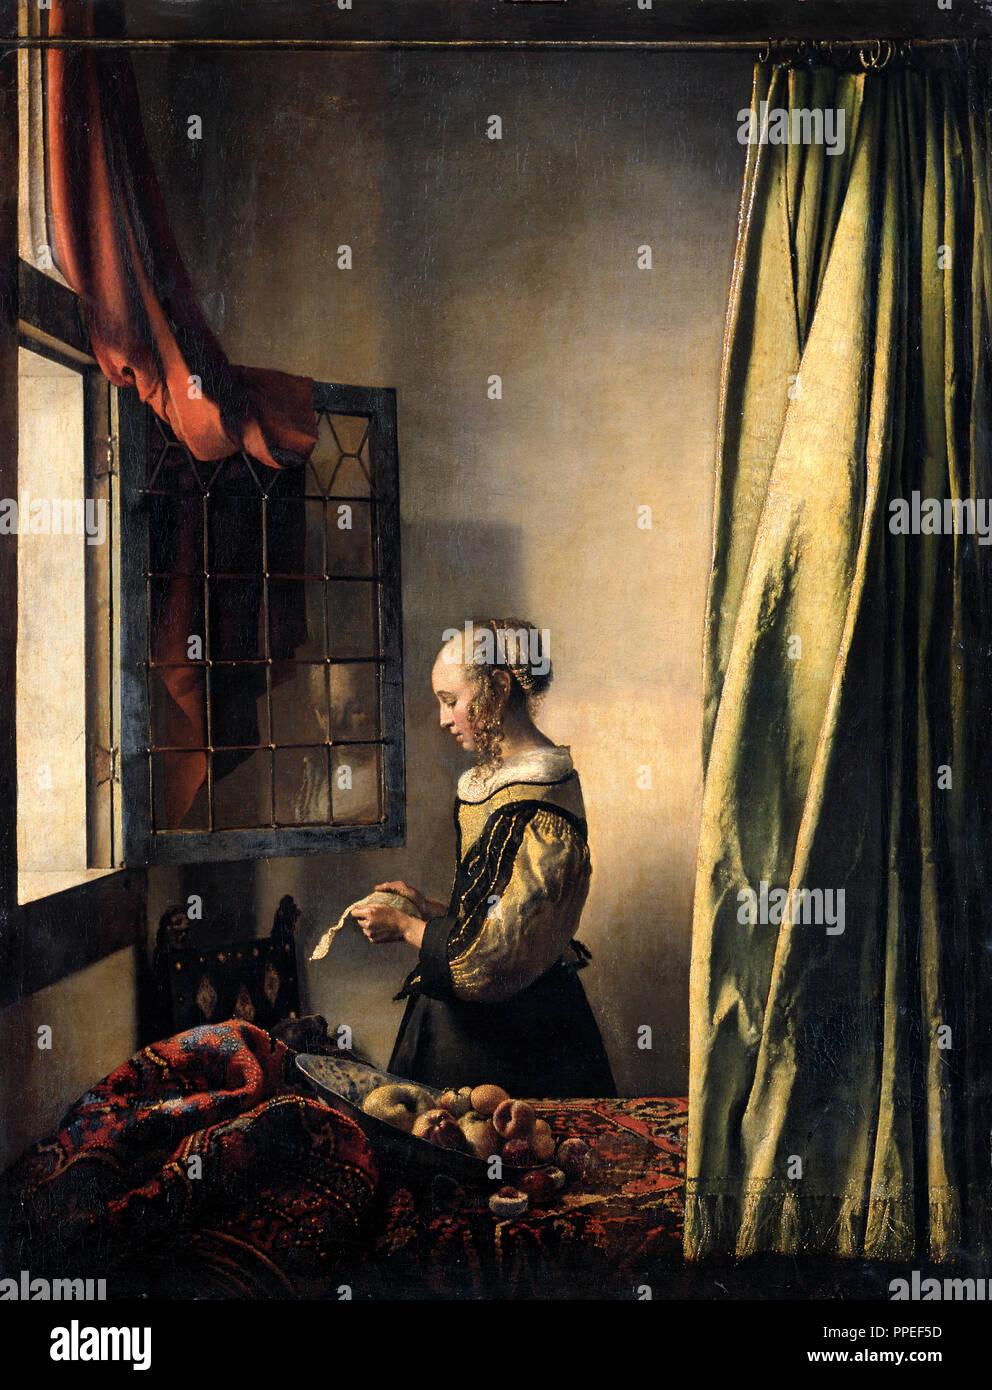 Johannes Vermeer - Mädchen Lesen eines Briefes durch ein offenes Fenster. Circa 1659. Öl auf Leinwand. Gemaldegalerie Alte Meister, Dresden, Deutschland. Stockbild